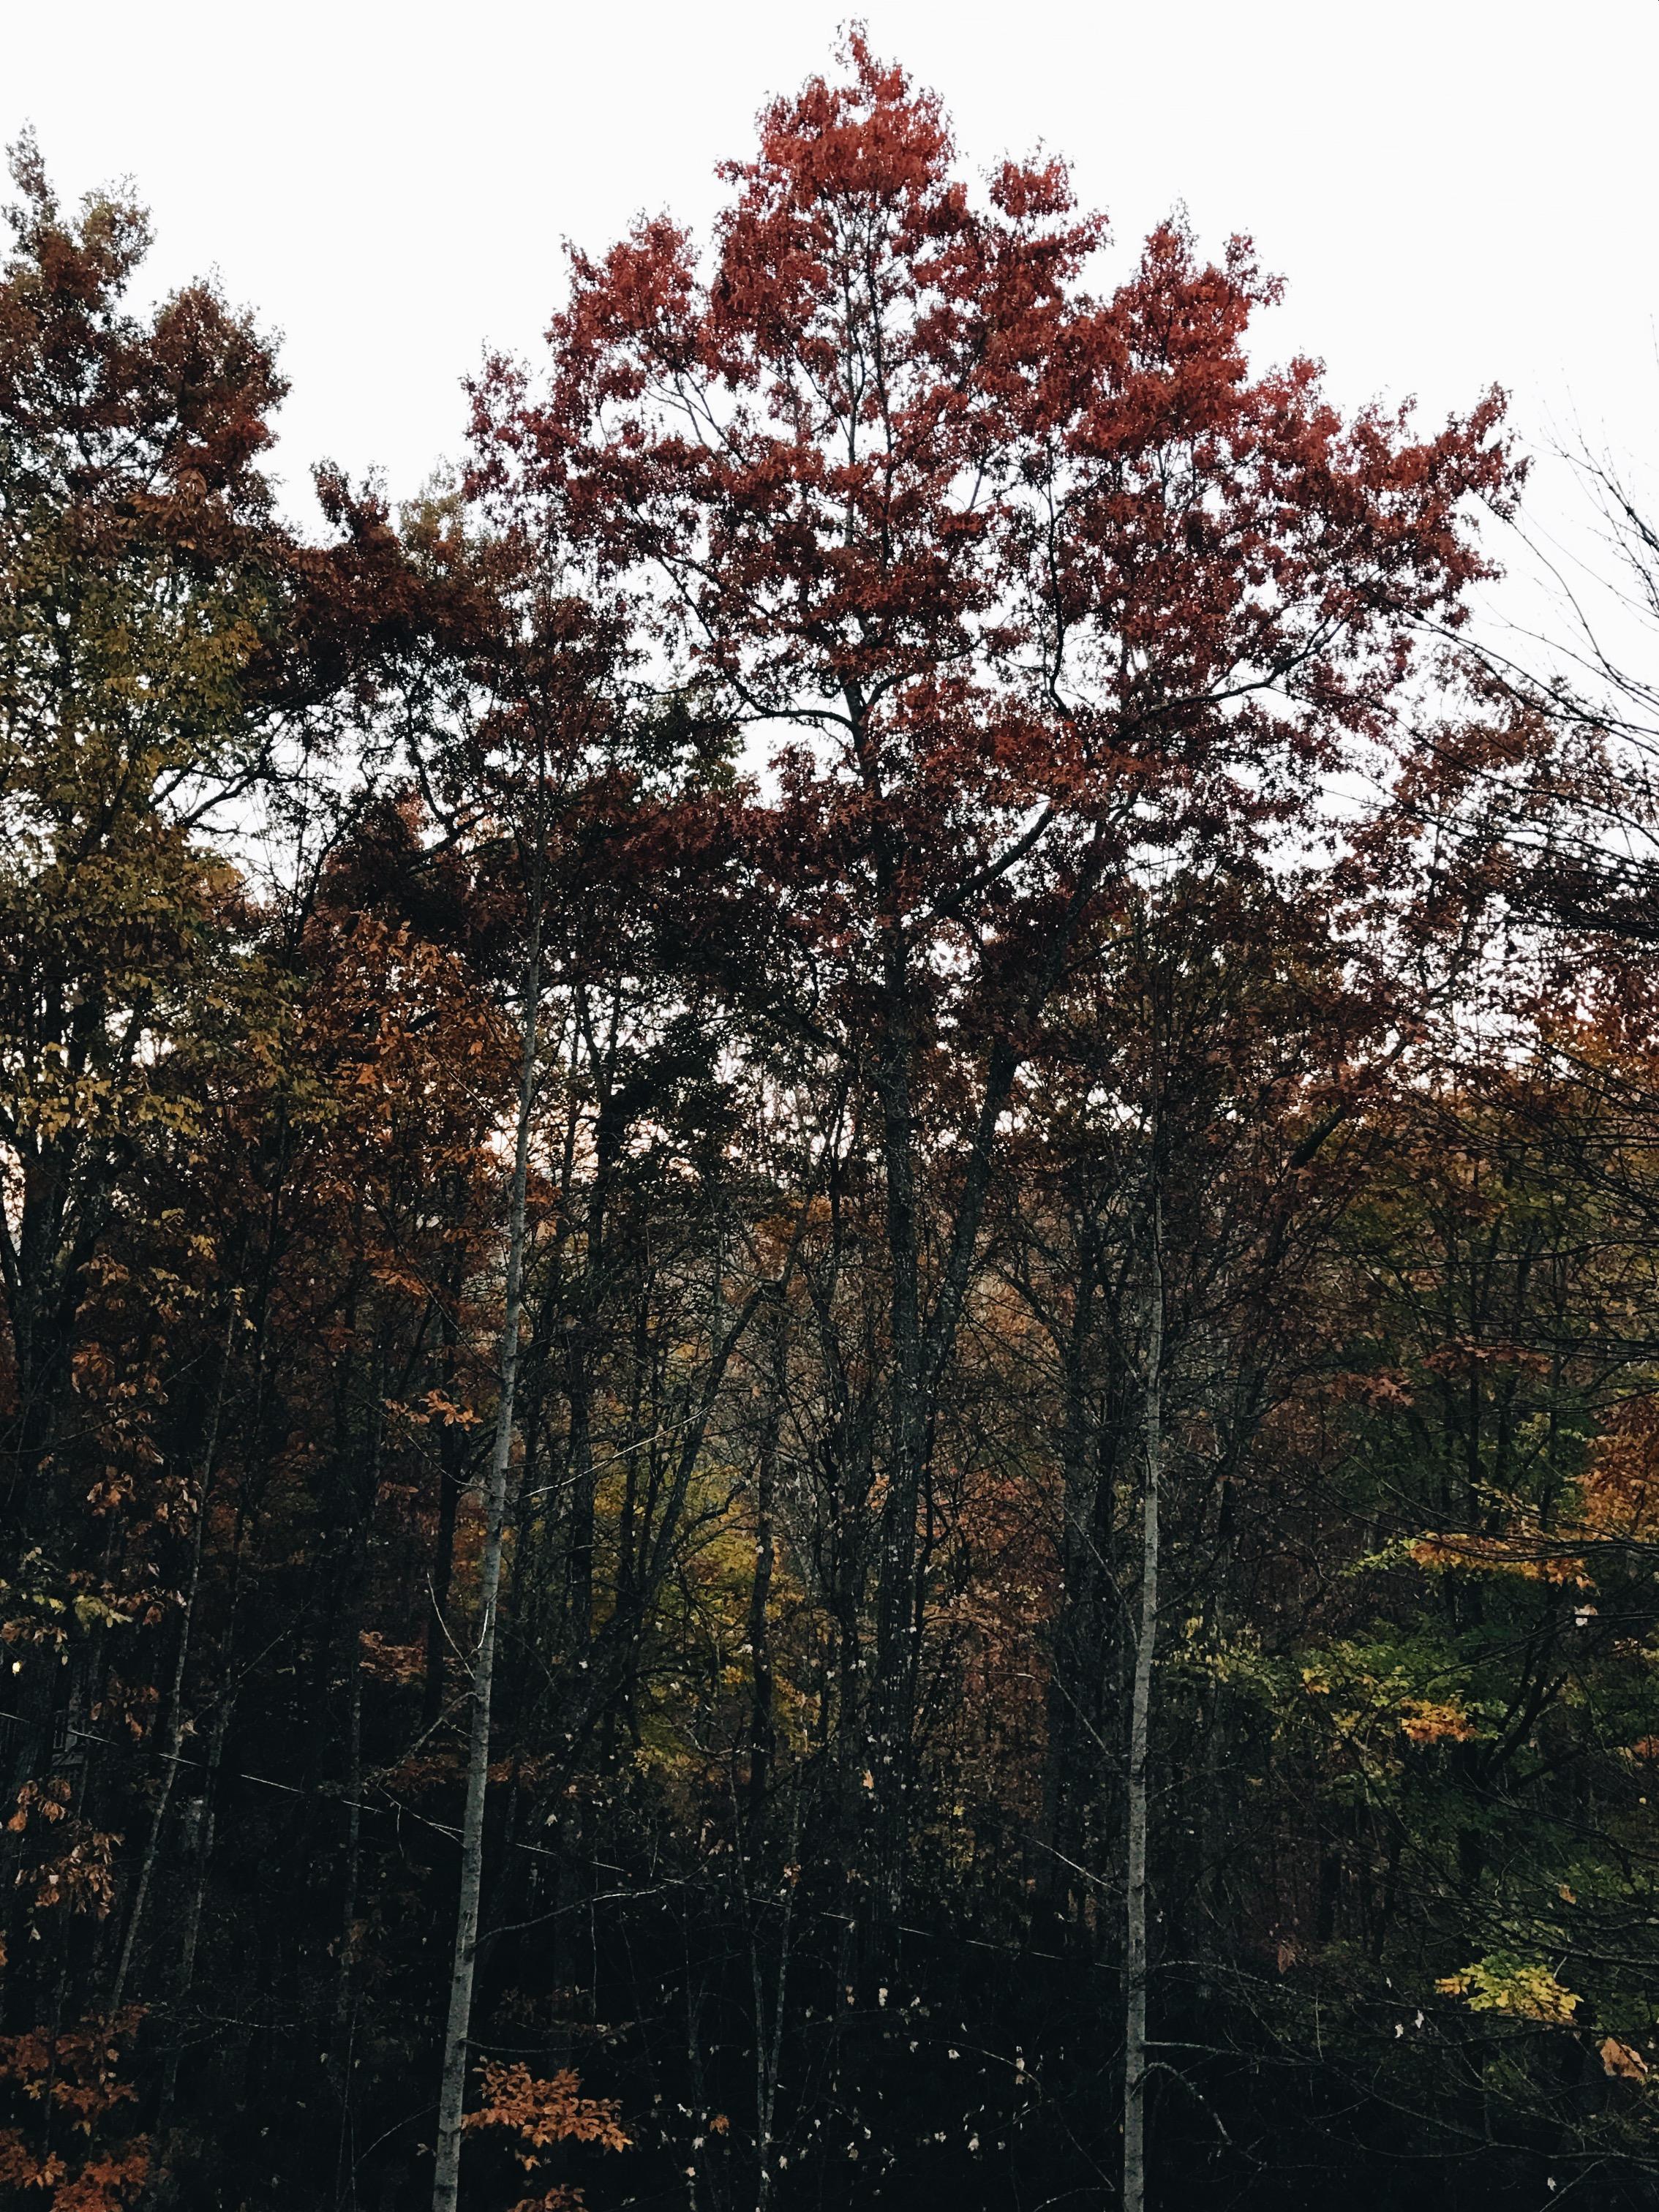 lake junaluska sunrise trees